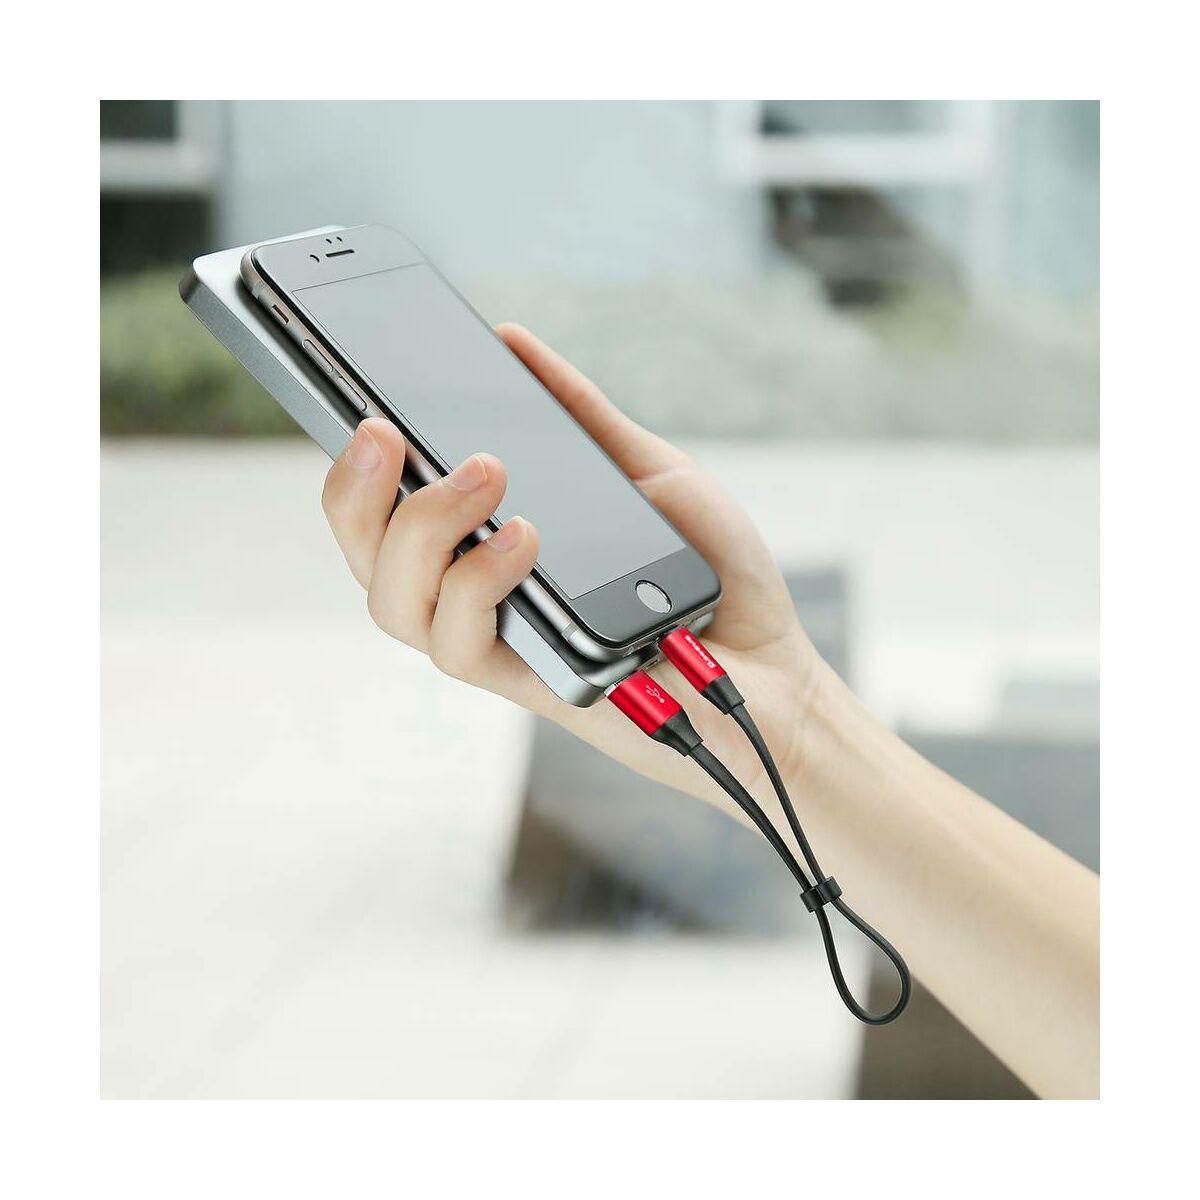 Baseus kábel, Lightning, Nimble mini lapos kábel, 2A, 0.23m, fekete/piros (CALMBJ-B91)